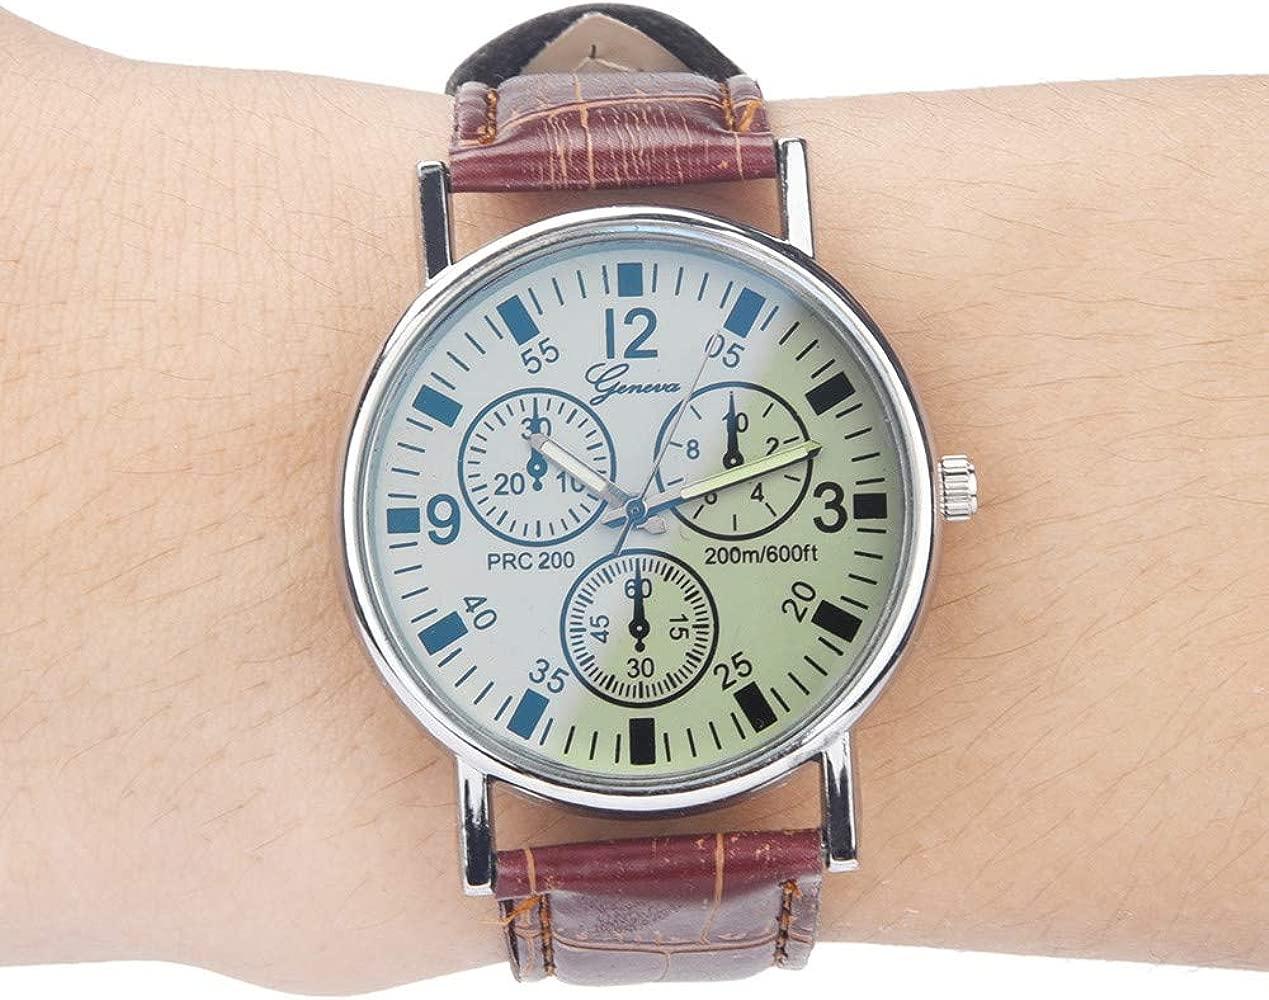 BLU Ray Glass Watch El Cuarzo Neutral simula el Reloj de Pulsera ...